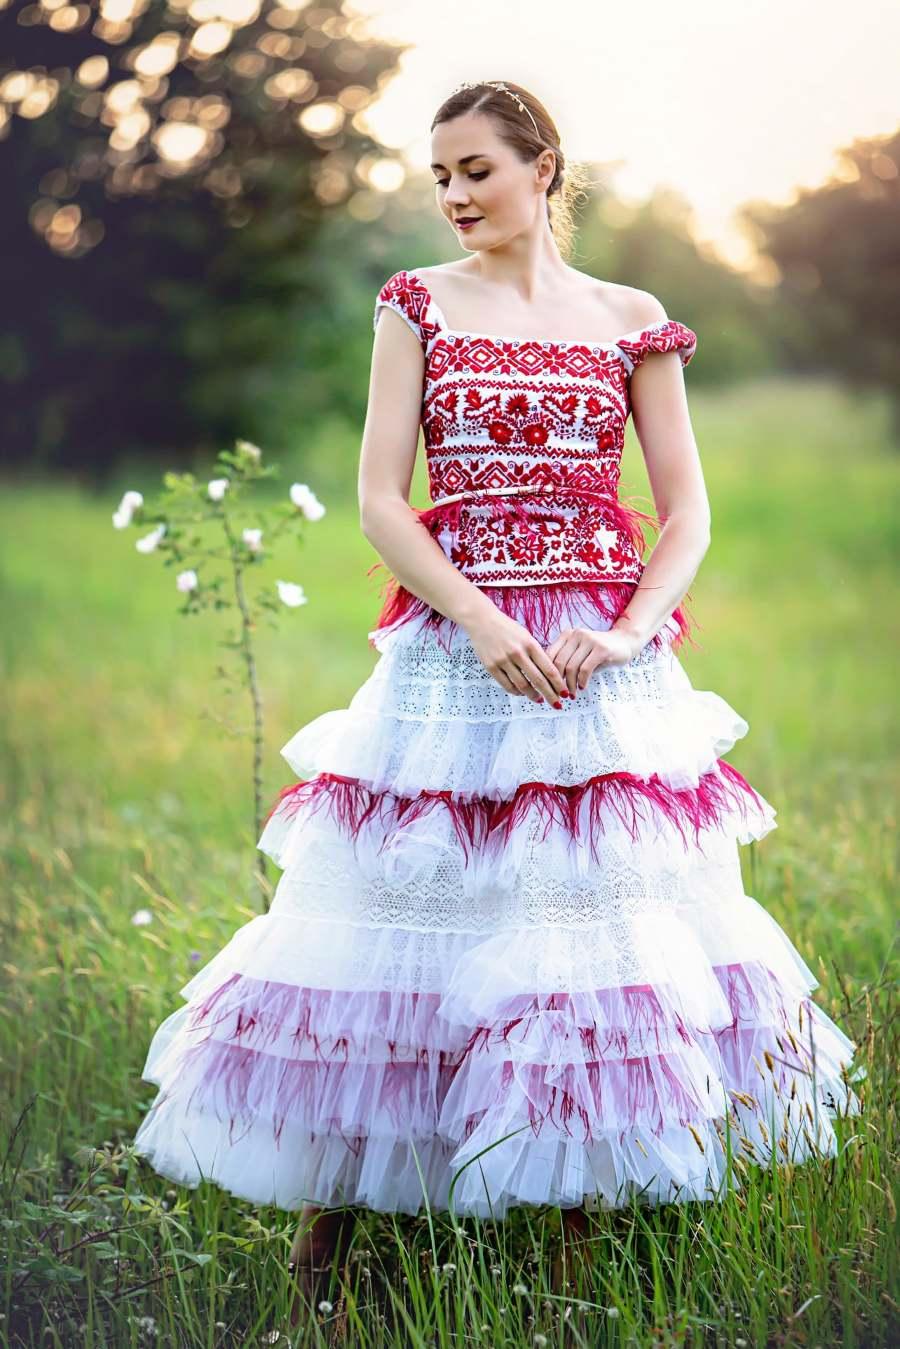 Jaroslava-Wurll-Kocanova-Red-Layered-Dress